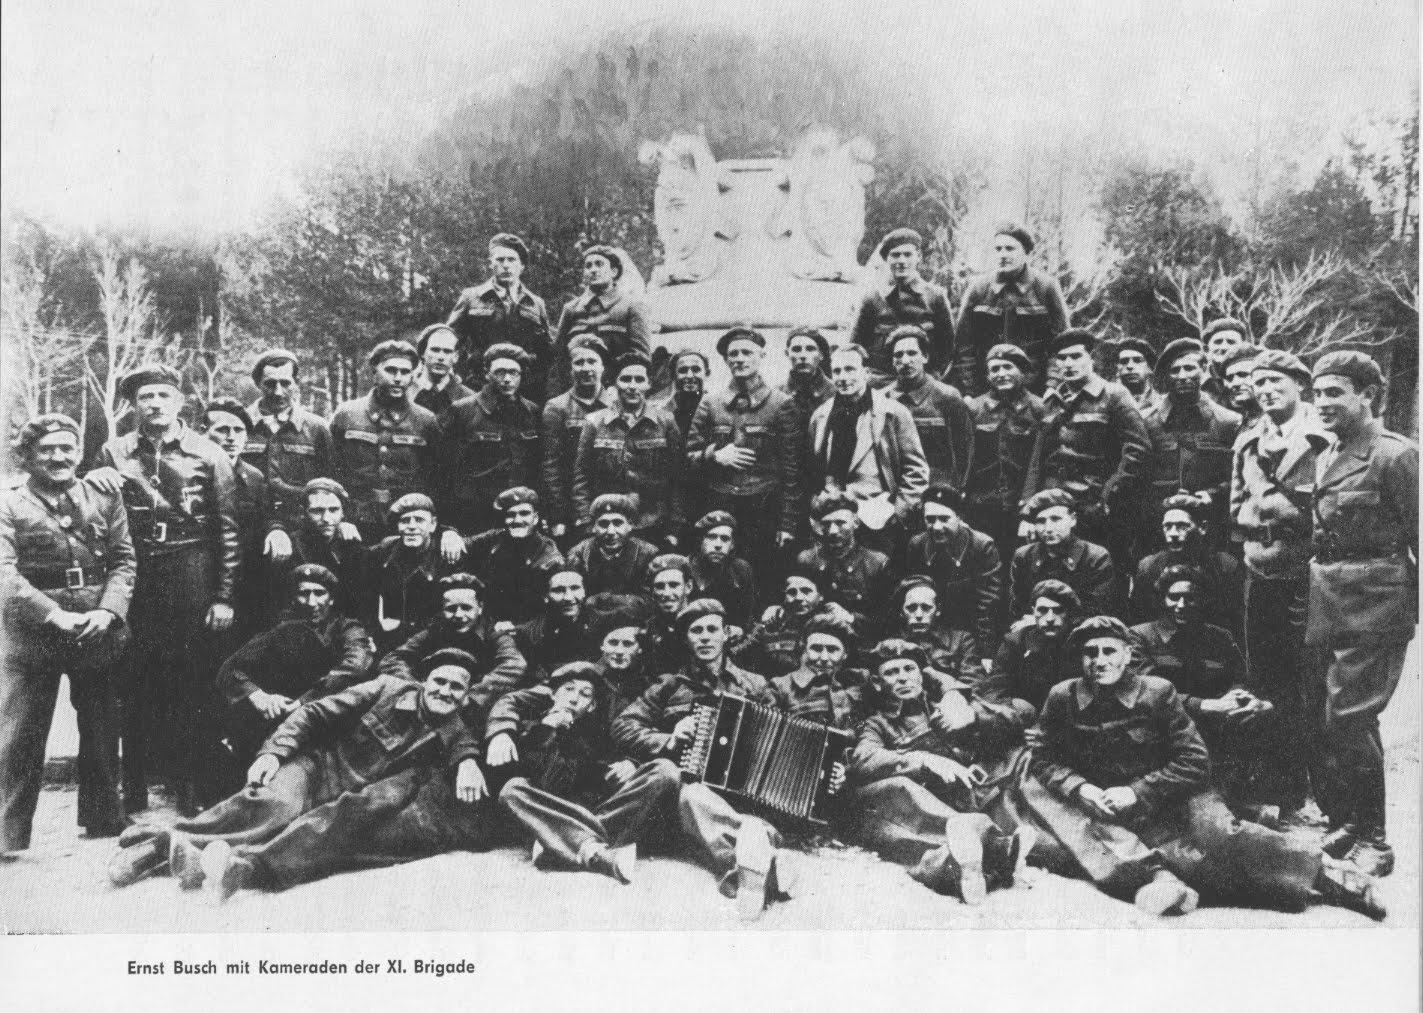 Ernst Busch Canciones De Las Brigadas Internacionales